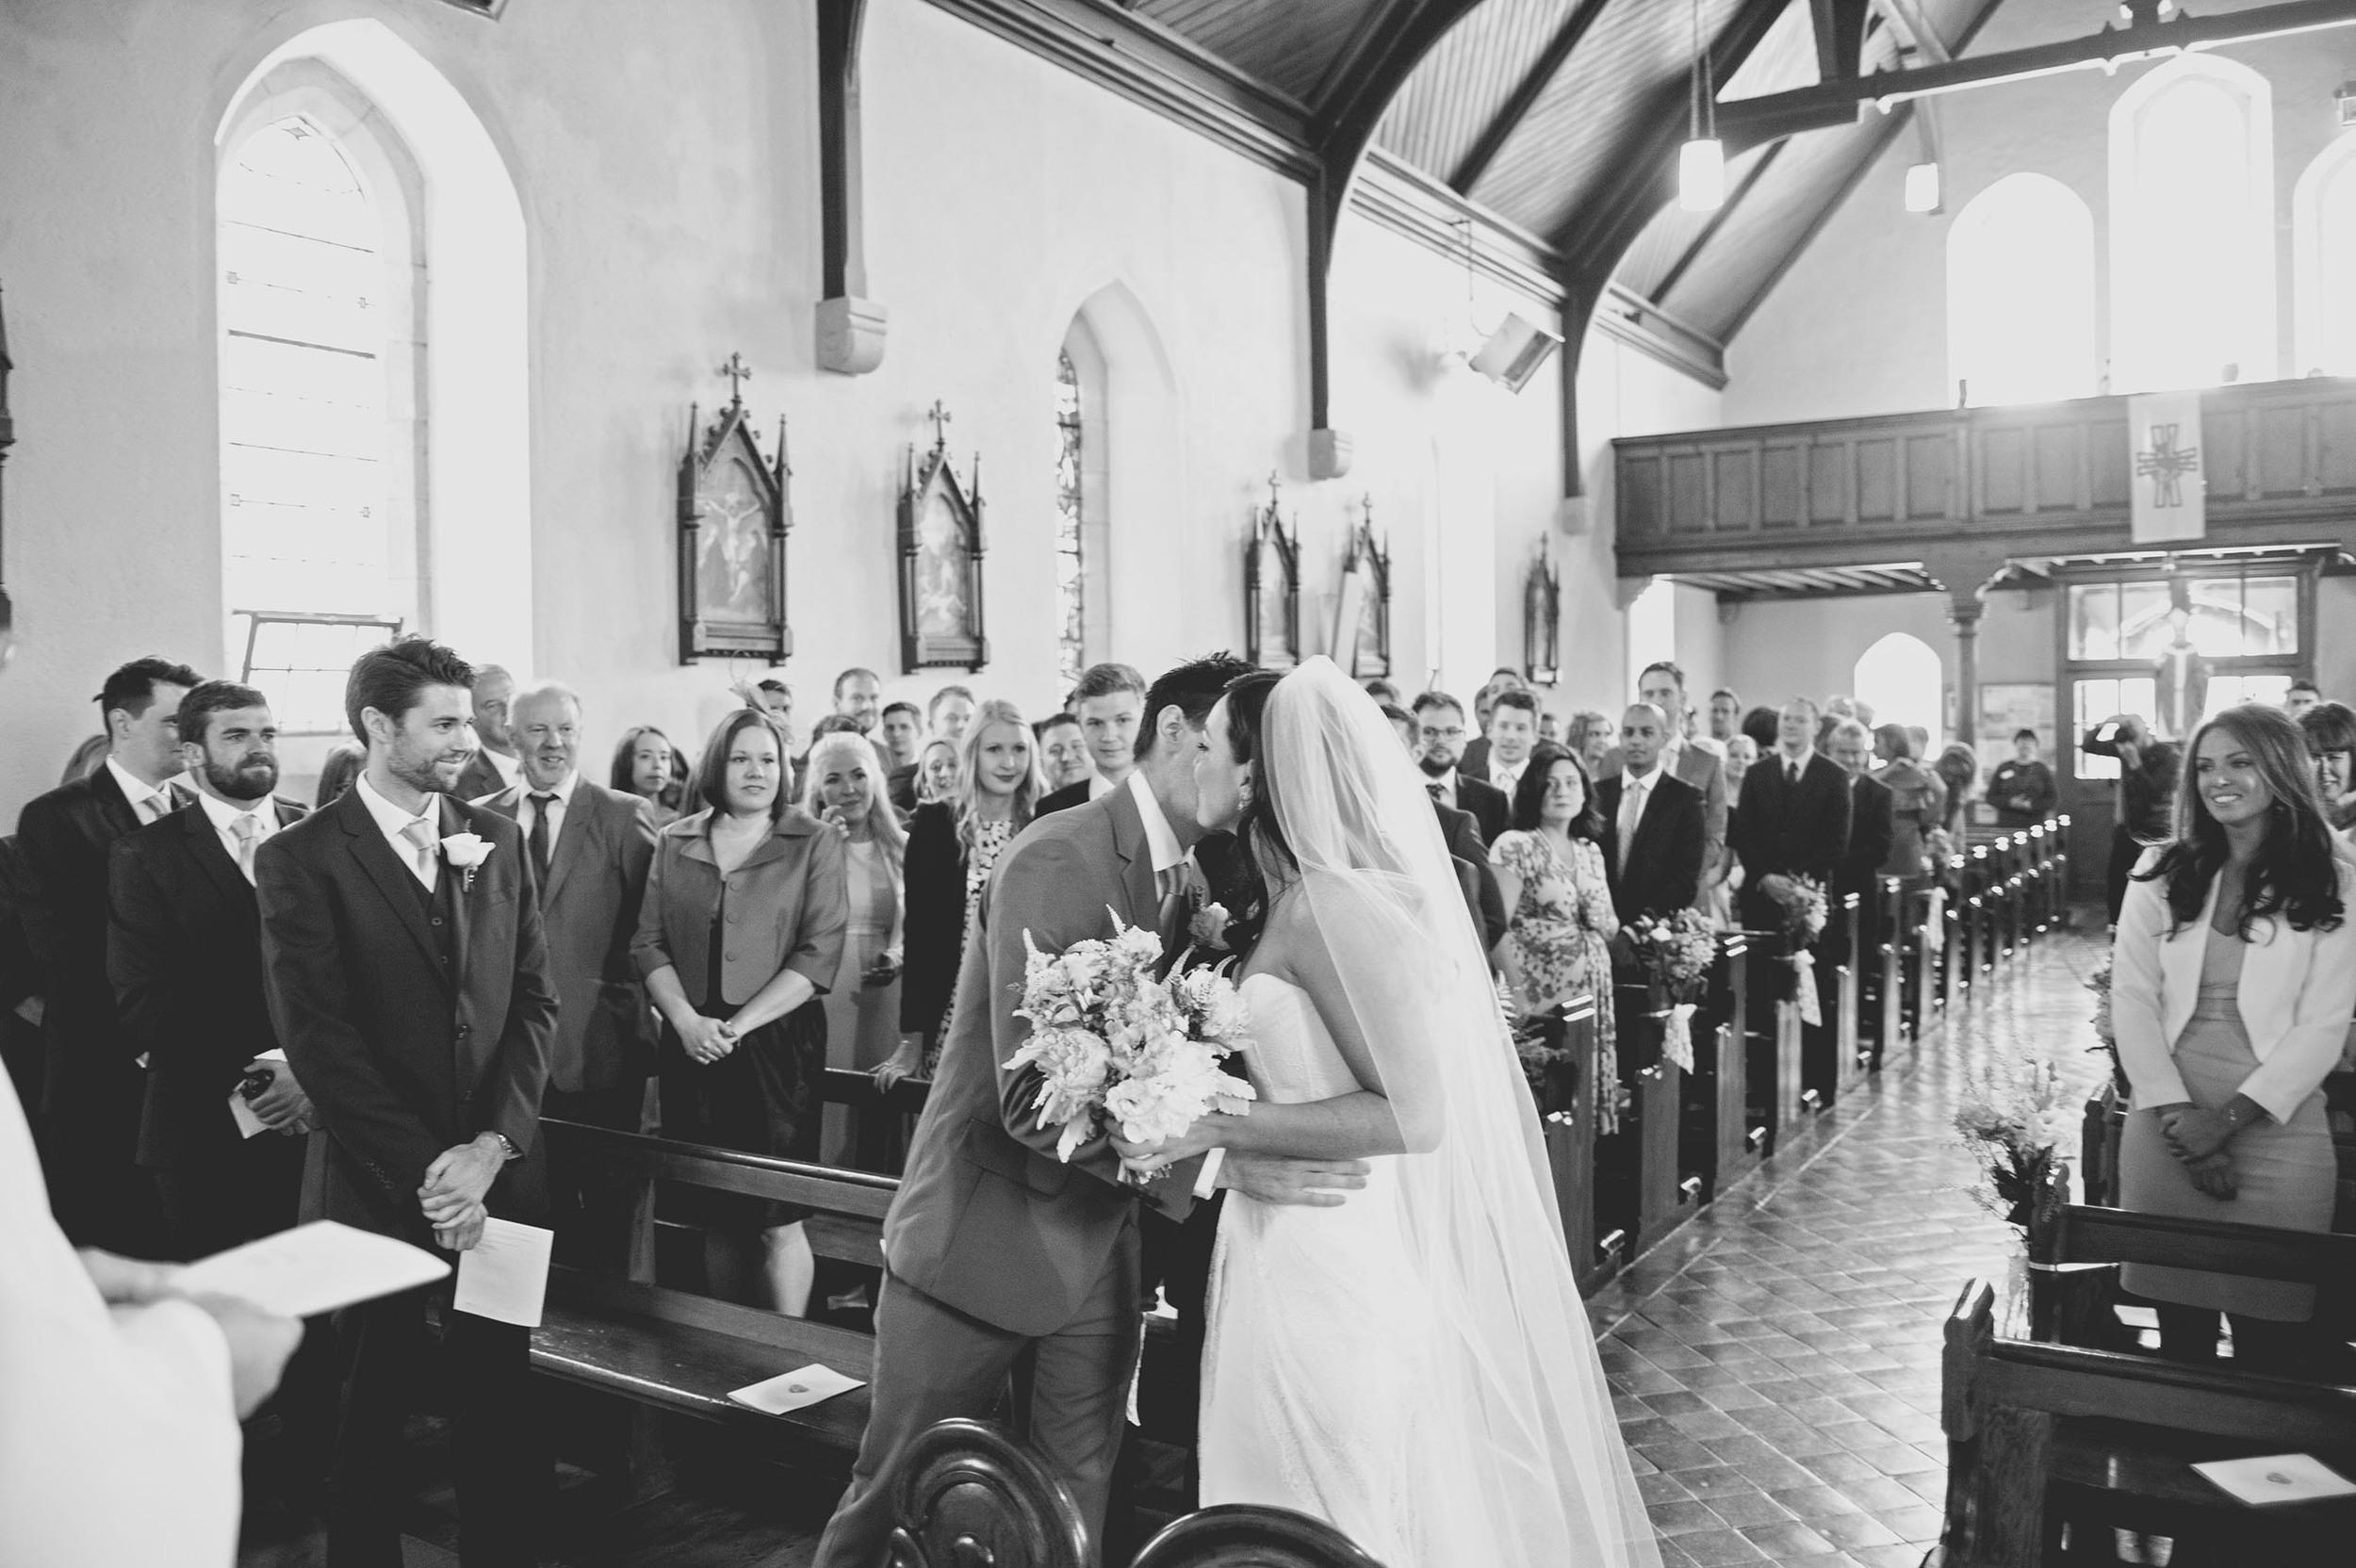 Julie & Matt's Seafield Wedding by Studio33weddings 038.jpg